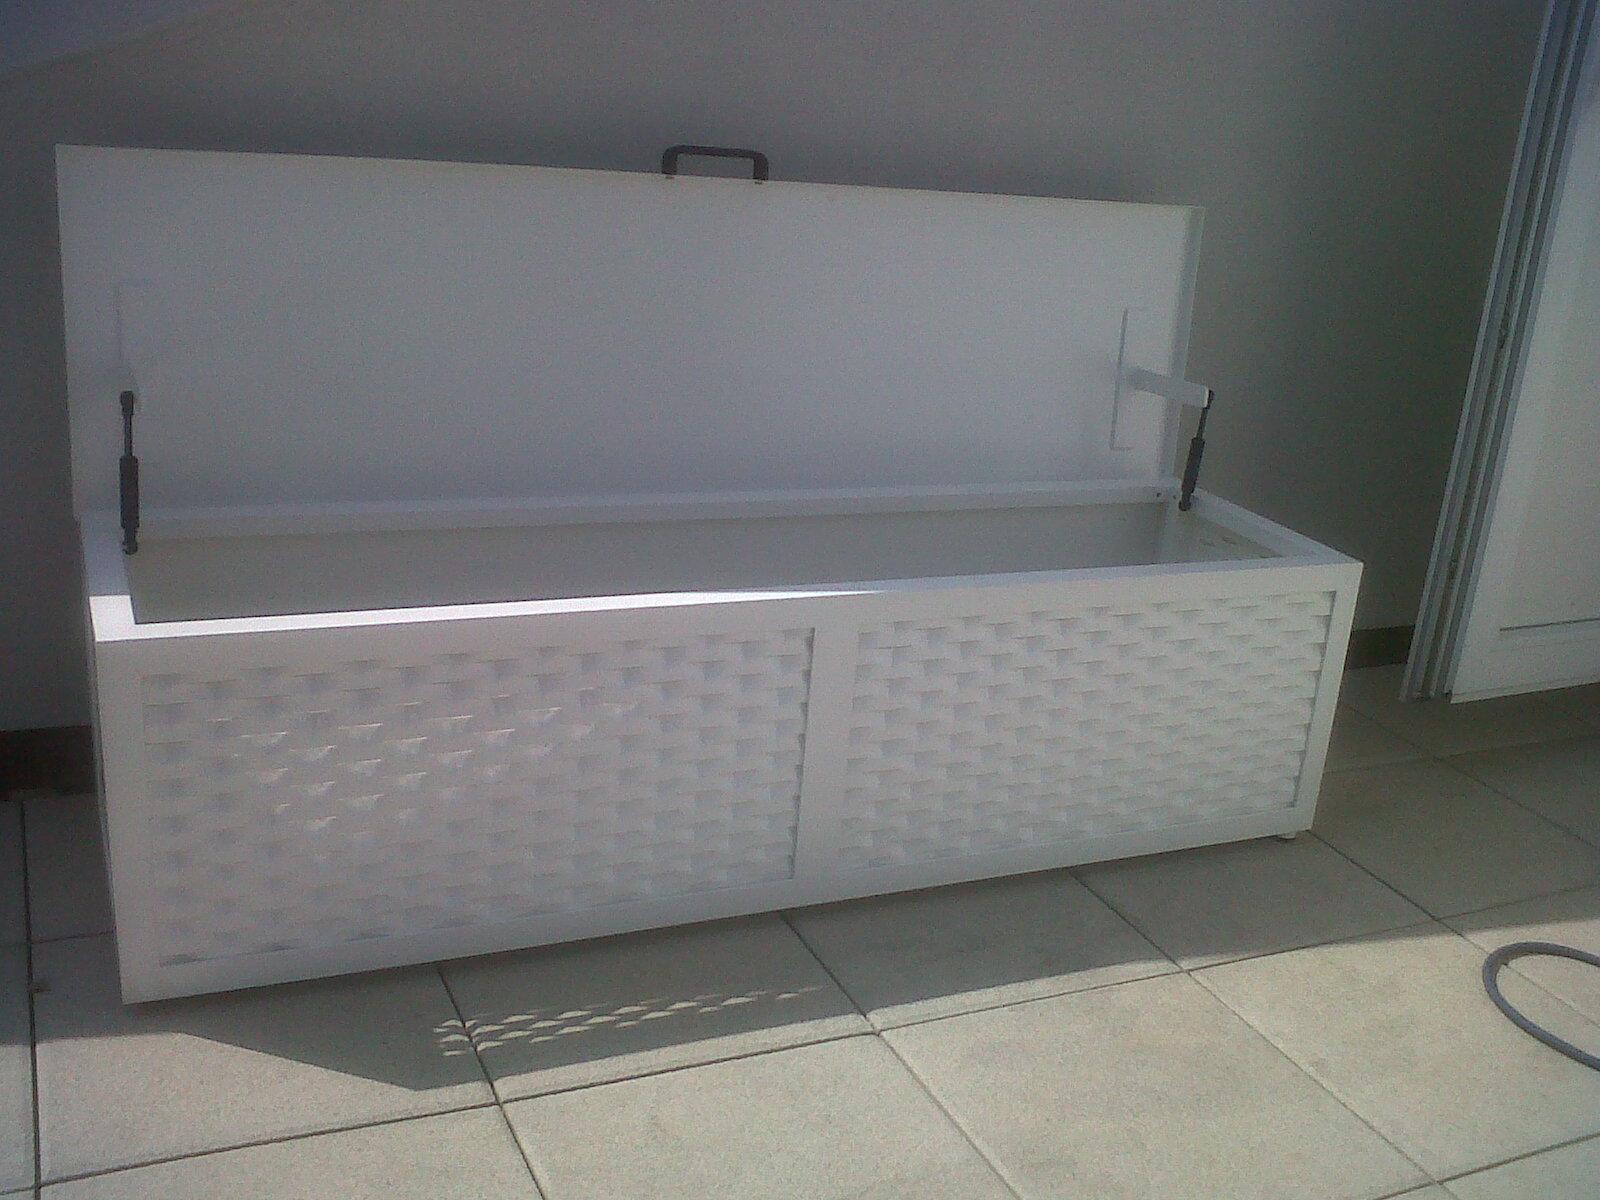 Mobili contenitori per esterno ikea le ultime idee sulla - Ikea mobili giardino ...